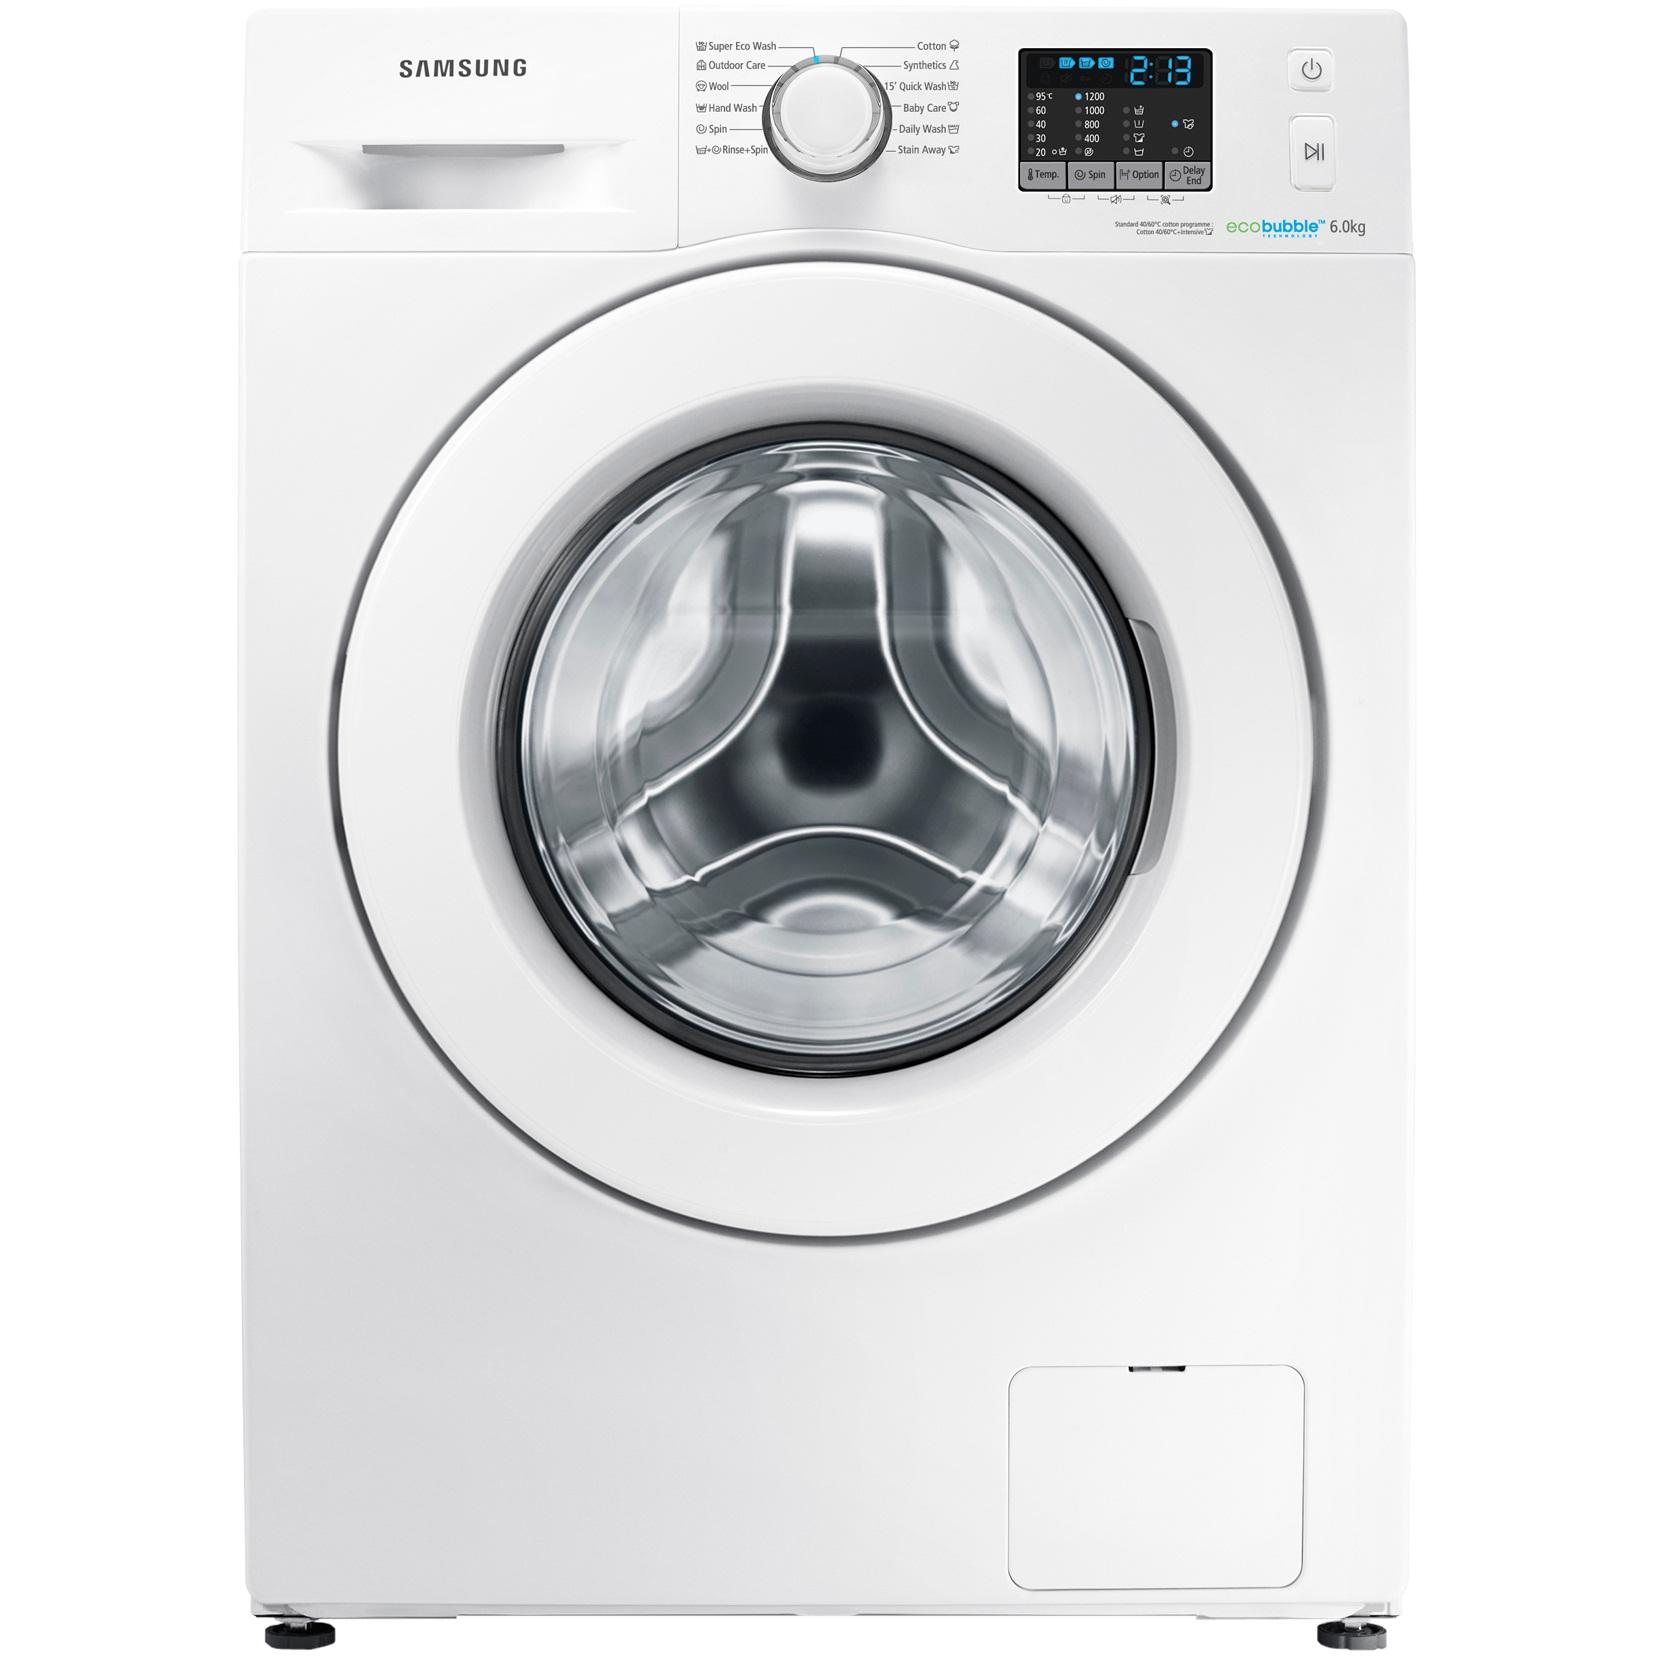 Masina de spalat rufe Slim Samsung Eco Bubble WF60F4E0W2W